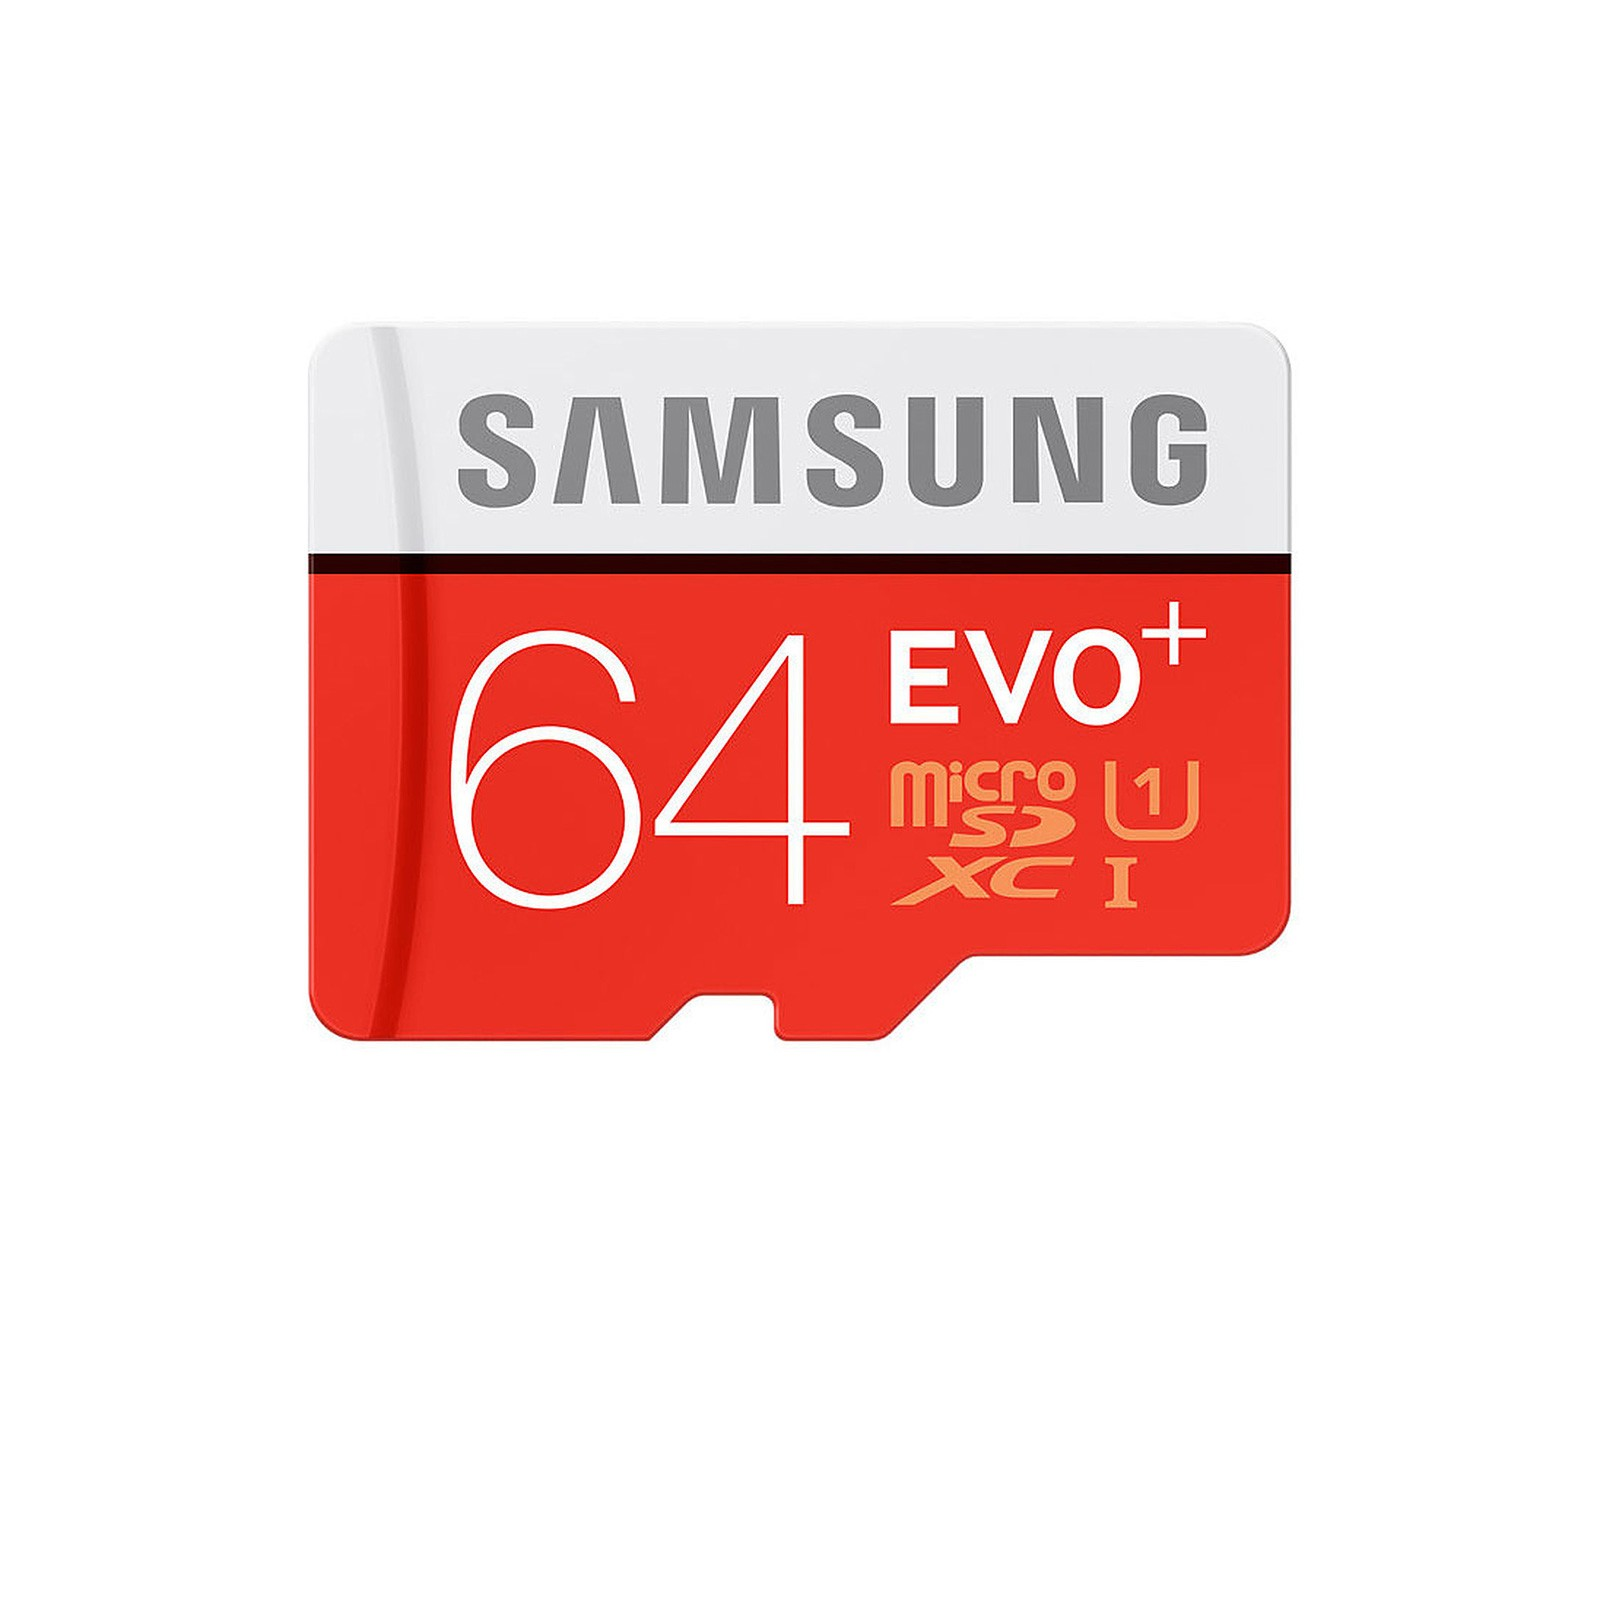 Carte micro SDXC Samsung EVO+ - 64 Go - Classe 10/UHS-I (U1)